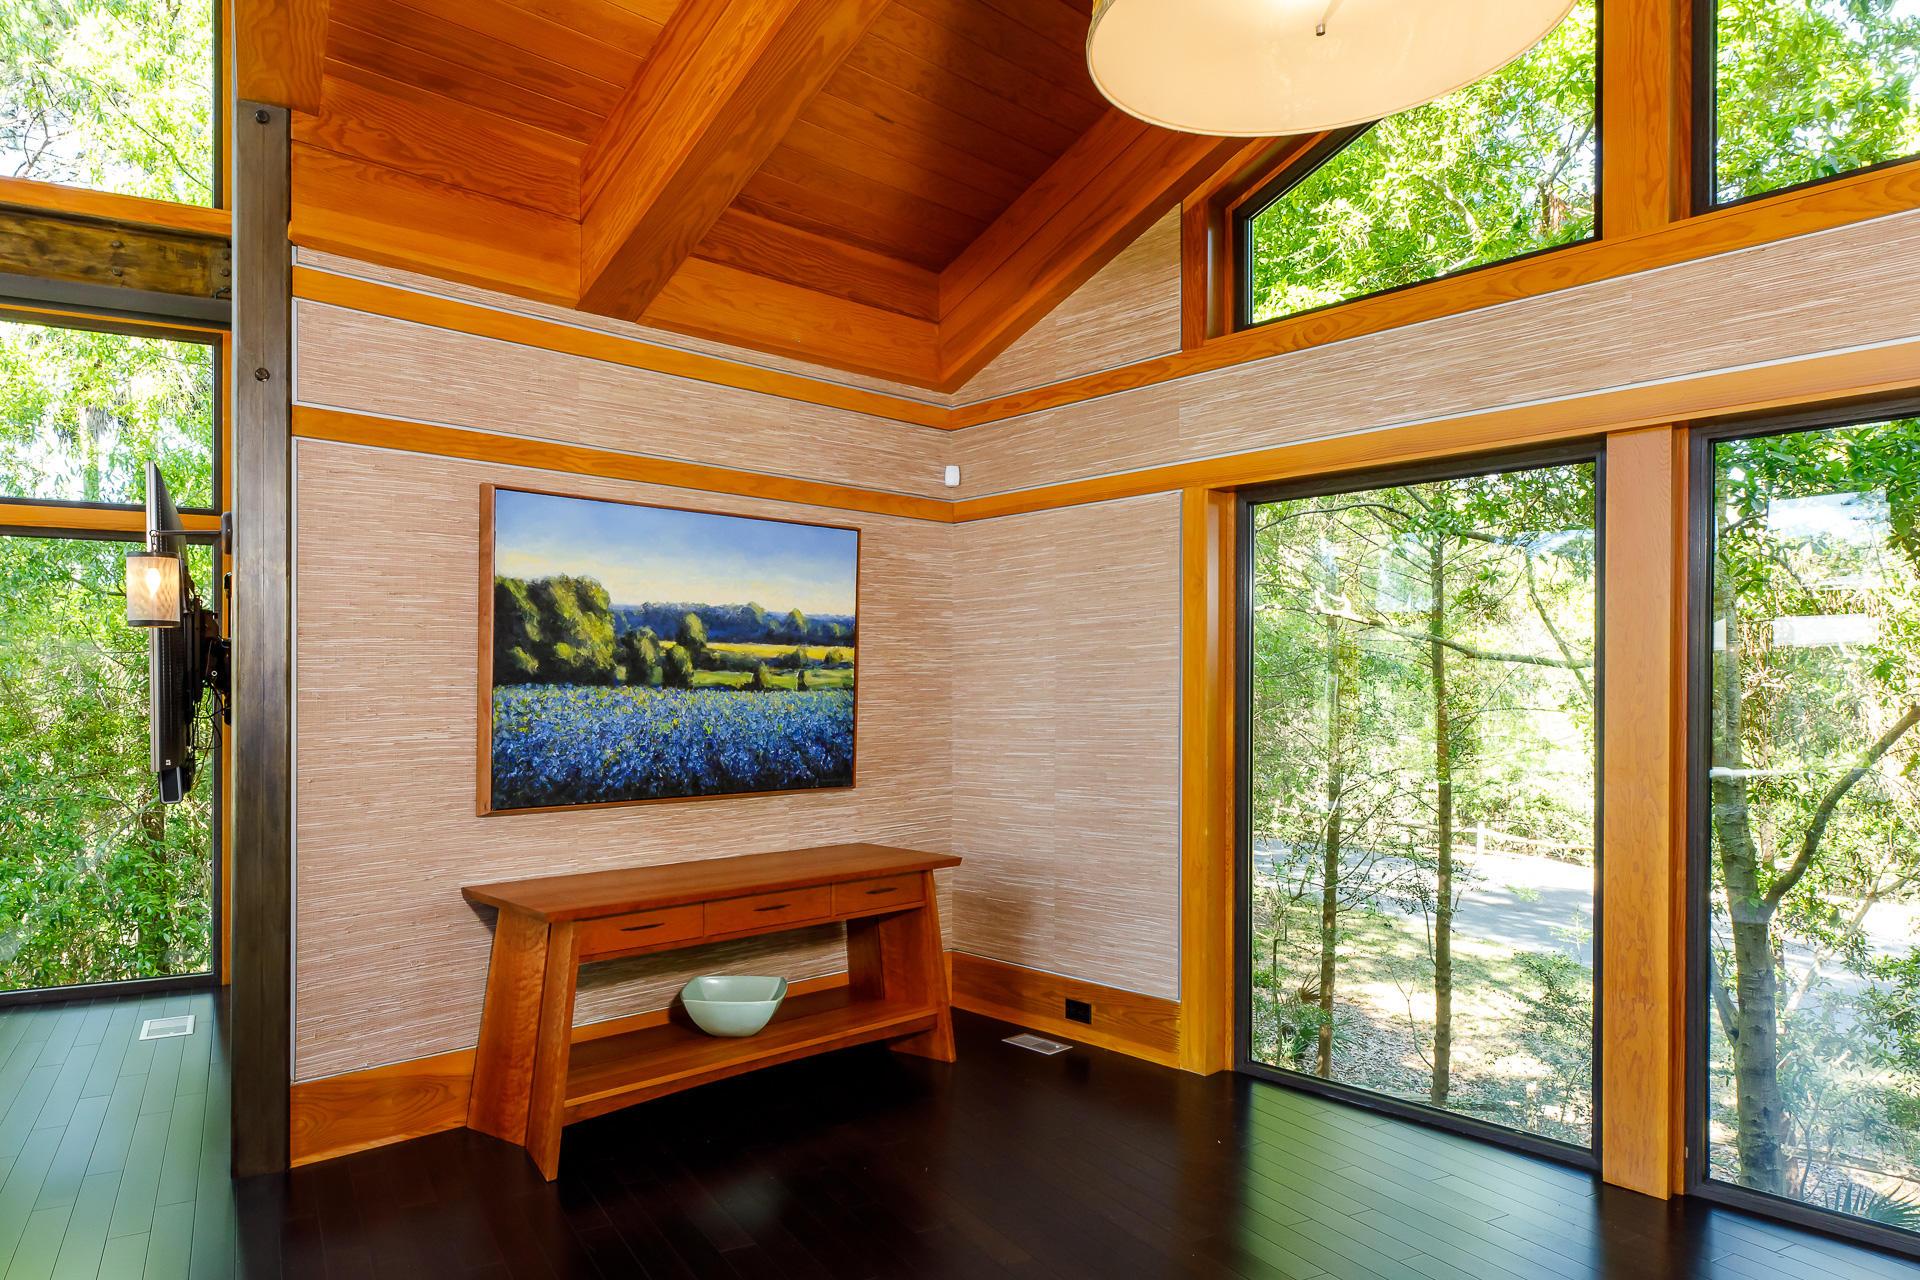 Kiawah Island Homes For Sale - 102 Blue Heron Pond, Kiawah Island, SC - 45